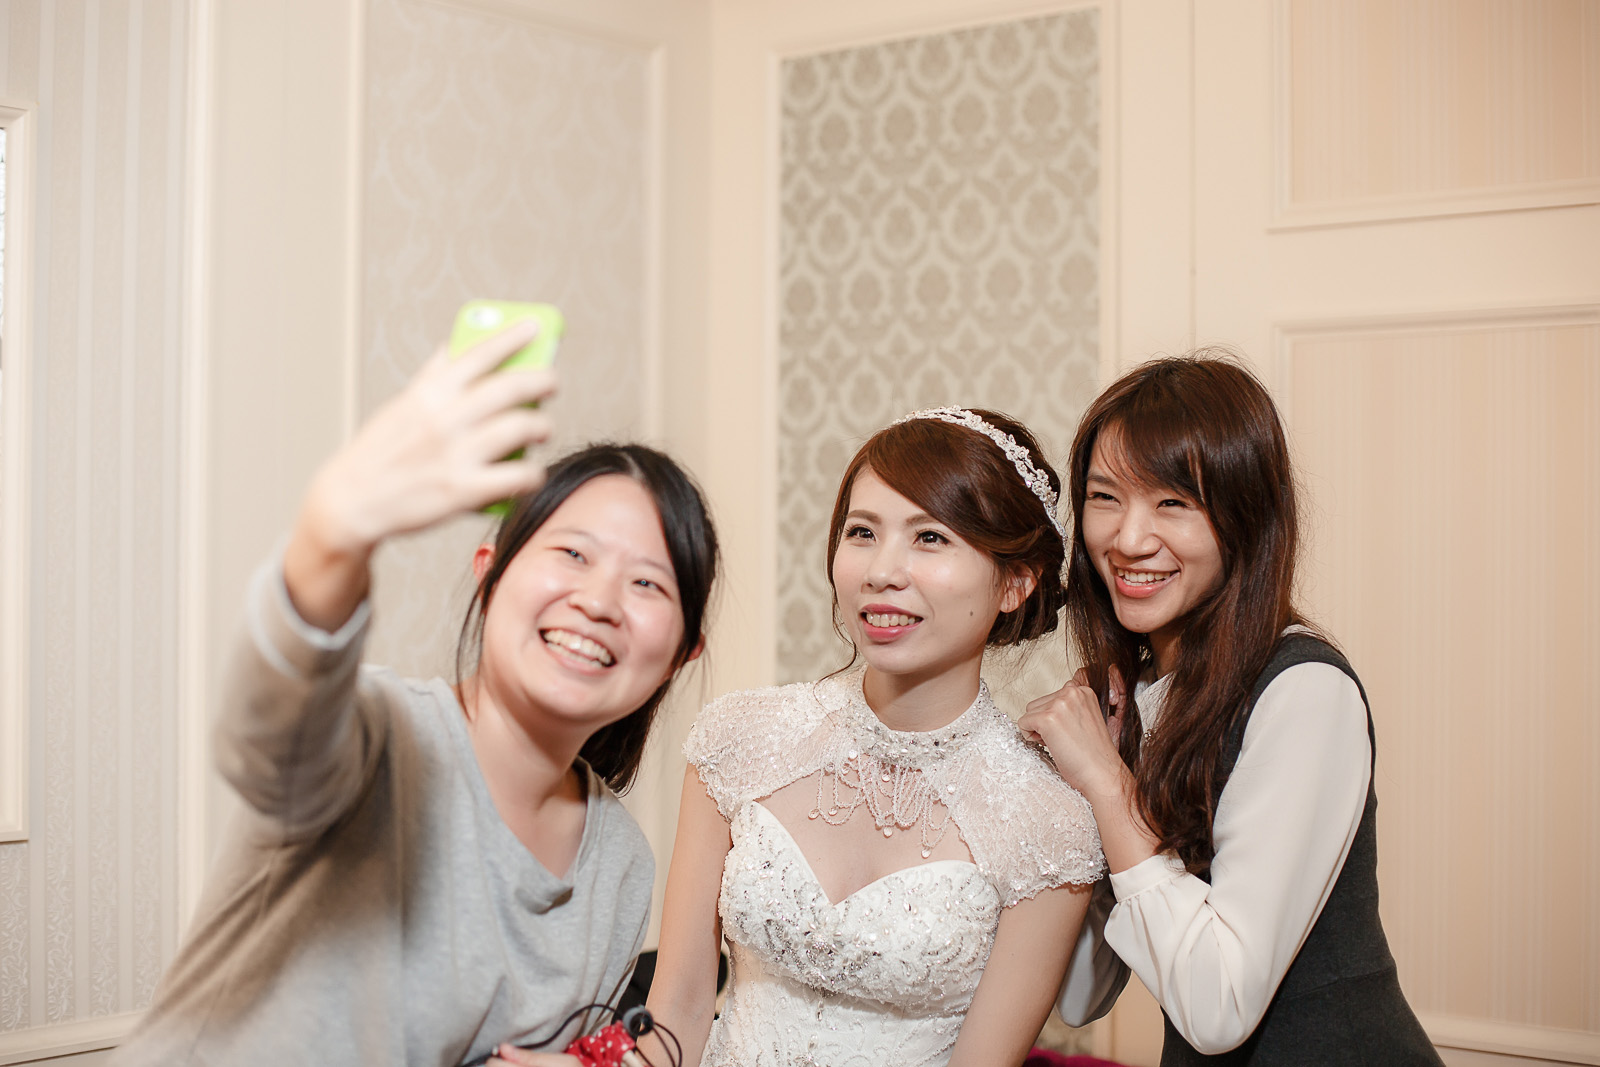 高雄圓山飯店,婚禮攝影,婚攝,高雄婚攝,優質婚攝推薦,Jen&Ethan-220